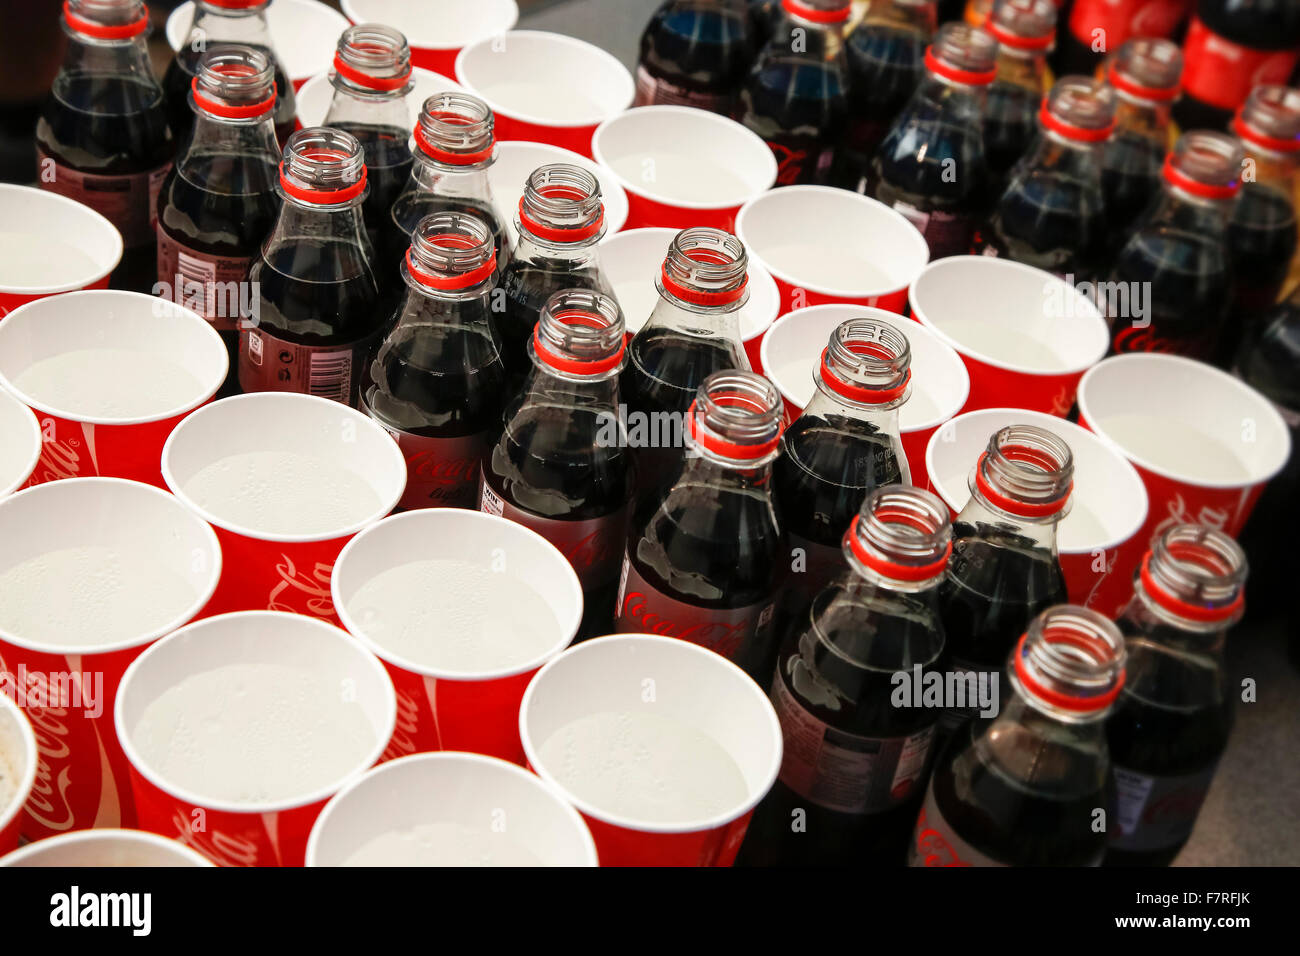 coca cola bottles stockfotos coca cola bottles bilder alamy. Black Bedroom Furniture Sets. Home Design Ideas